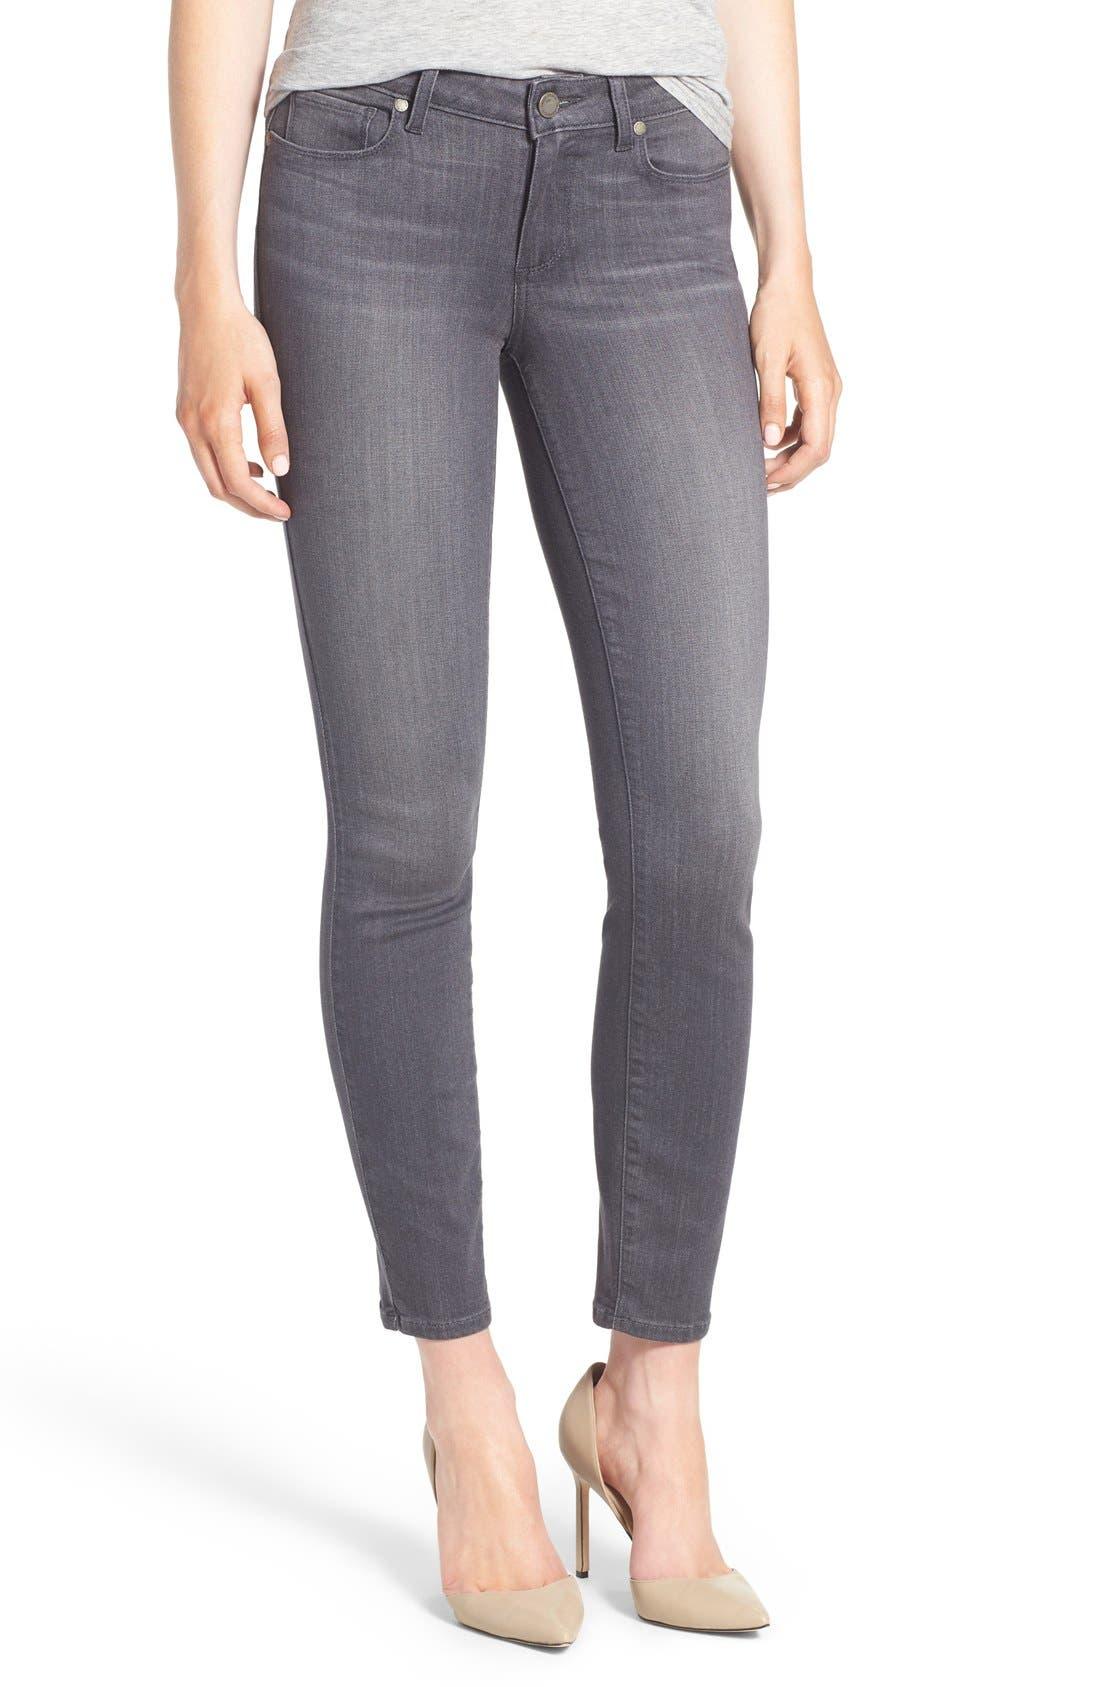 Main Image - PAIGE Transcend - Verdugo Ankle Jeans (Bonnie Grey) (Nordstrom Exclusive)